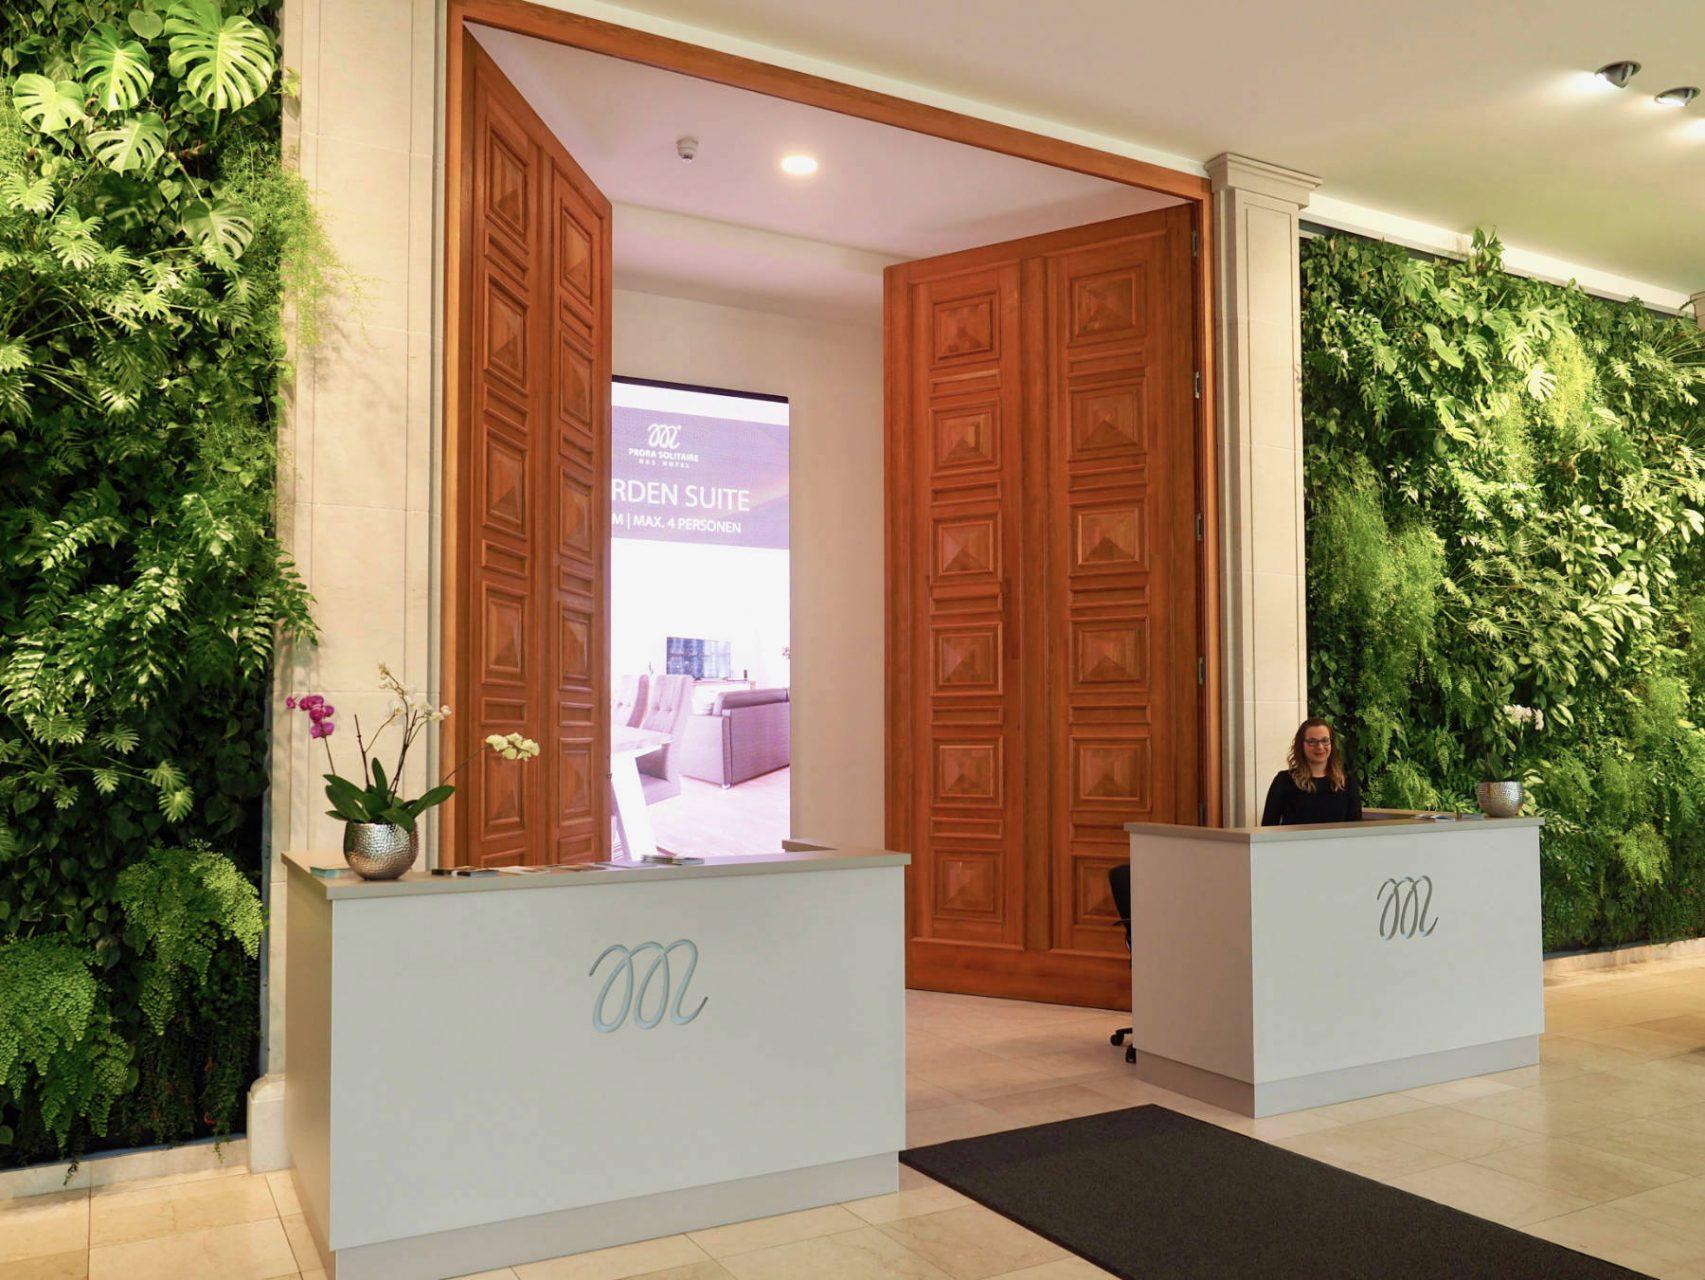 Offener Empfang. Die halb geöffneten Flügeltüren in der Lobby sind der Zugang zu den Apartments. Das Display dahinter fächert das Angebot des Aparthotels auf.